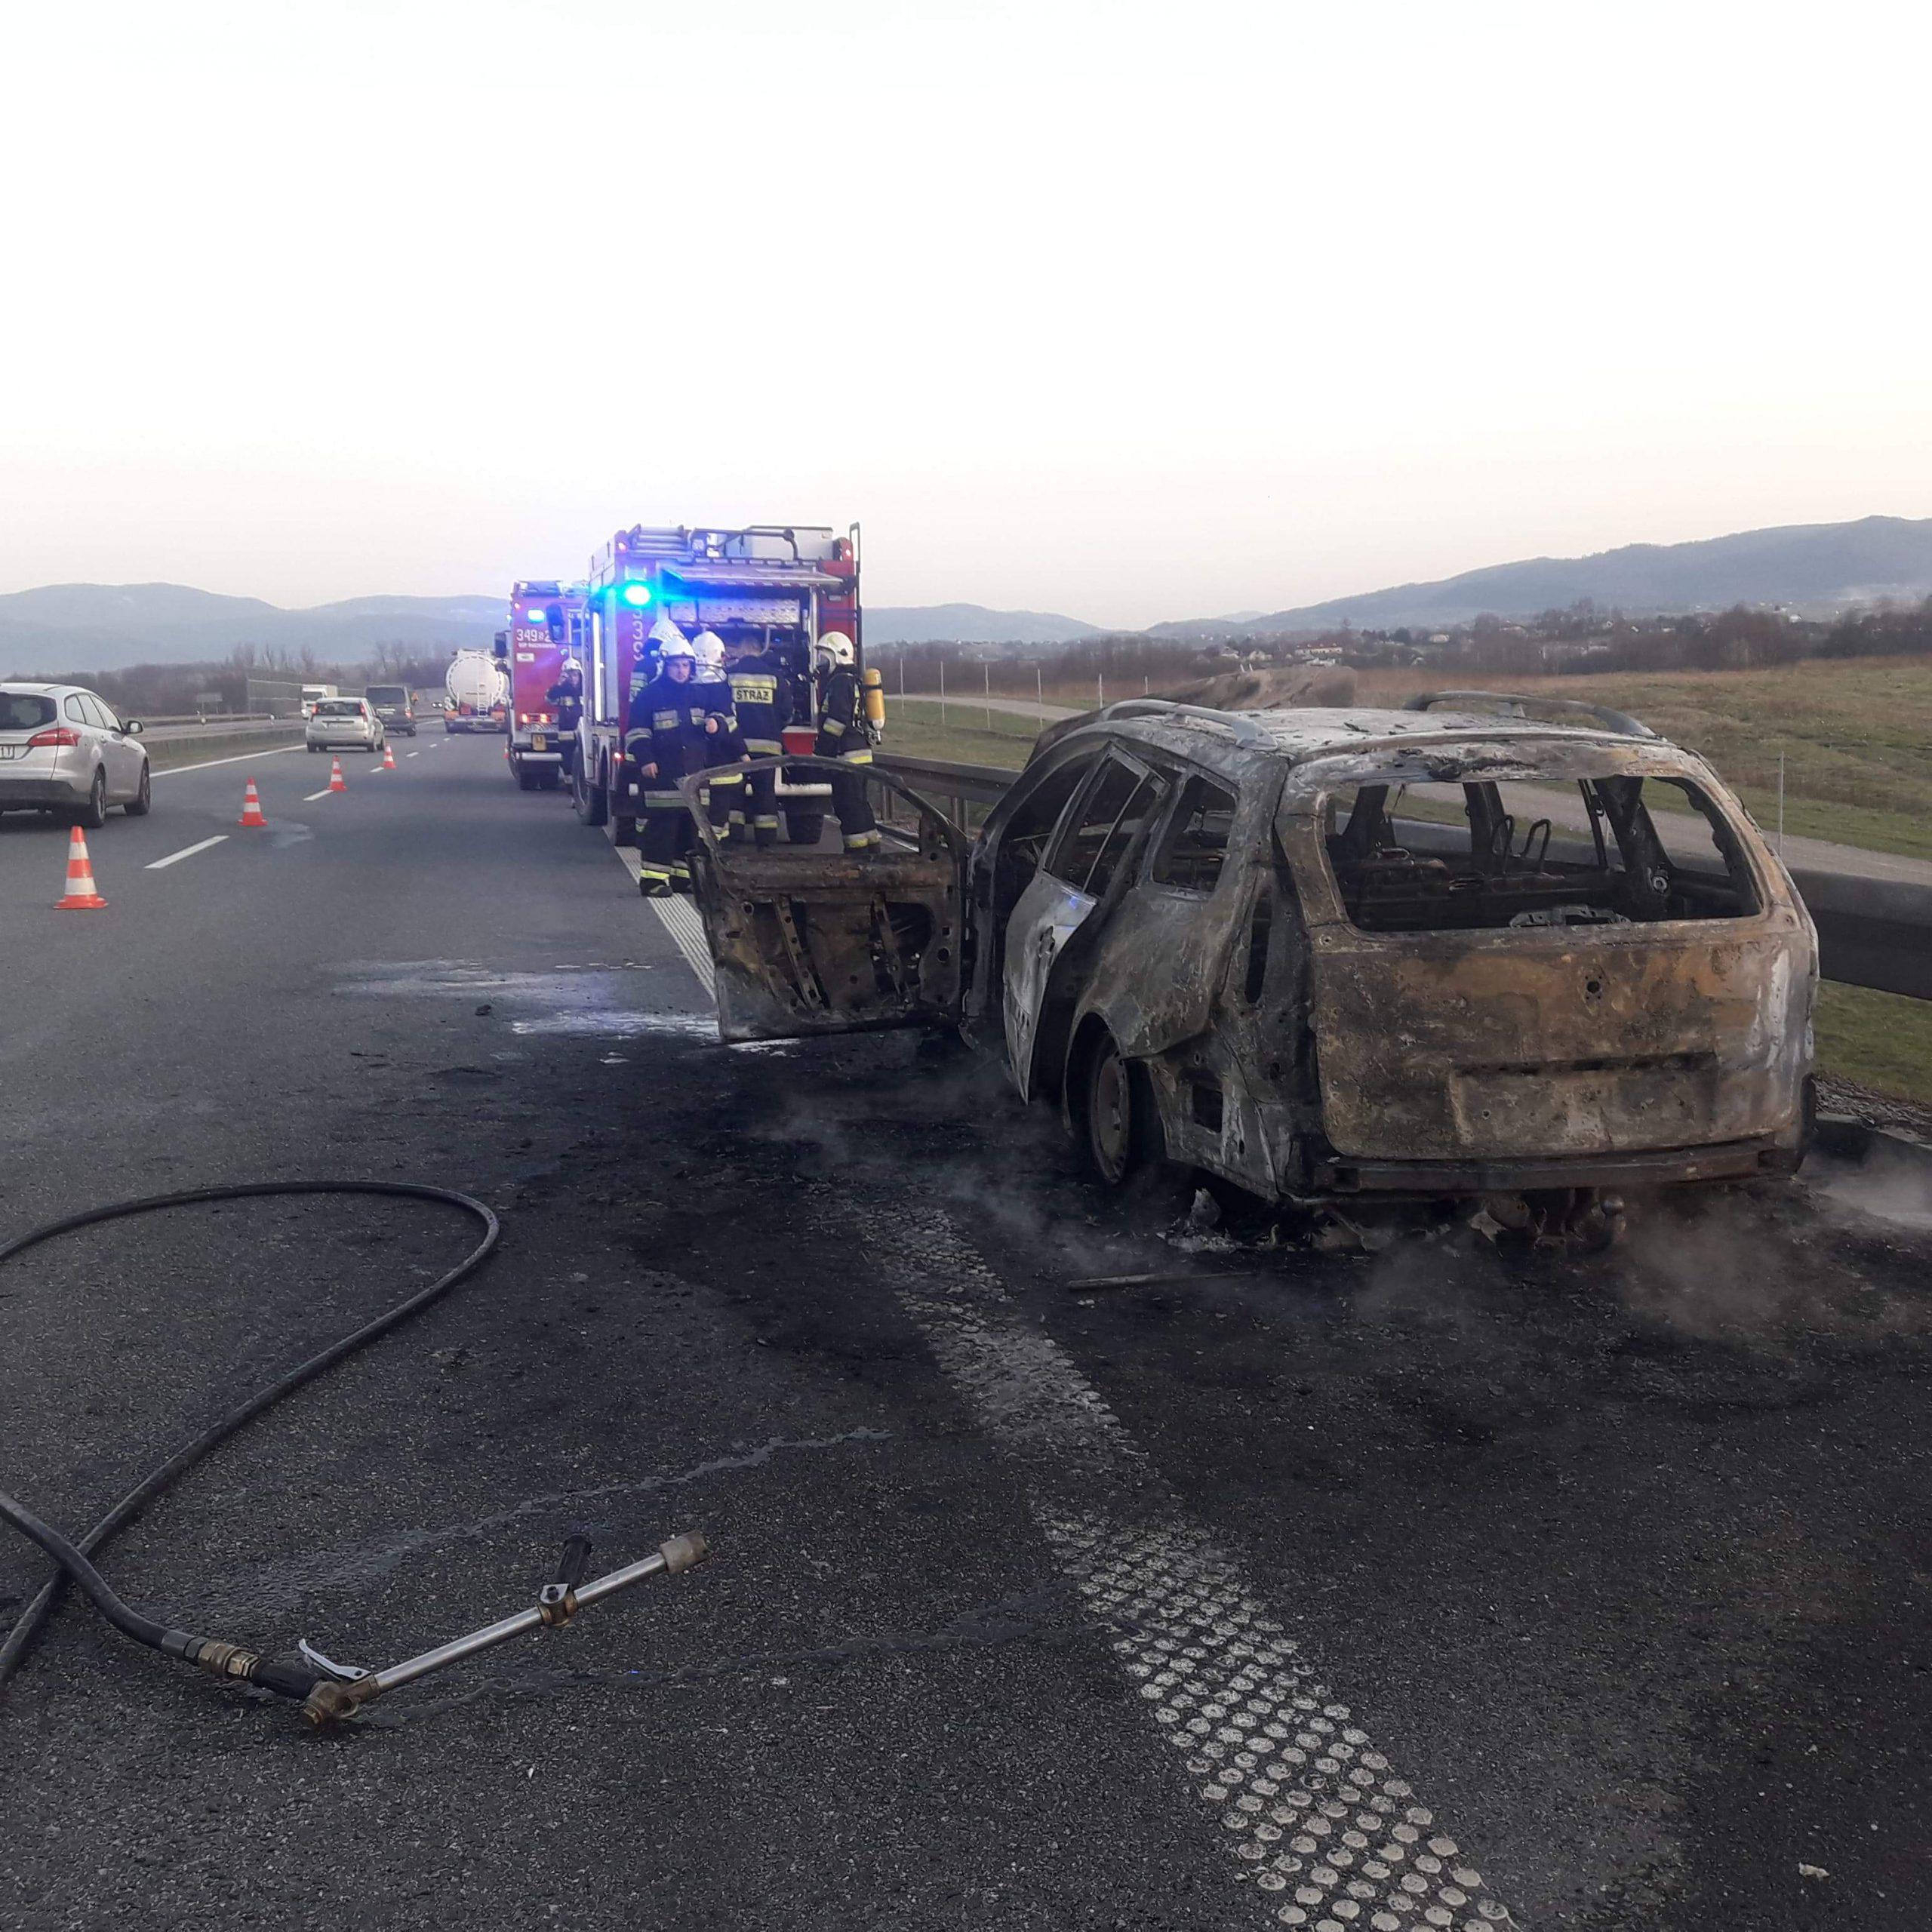 Akcja ugaszania płonącego pojazdu - na zdjęciu samochody strażackie, strażacy oraz doszczętnie spalony samochód